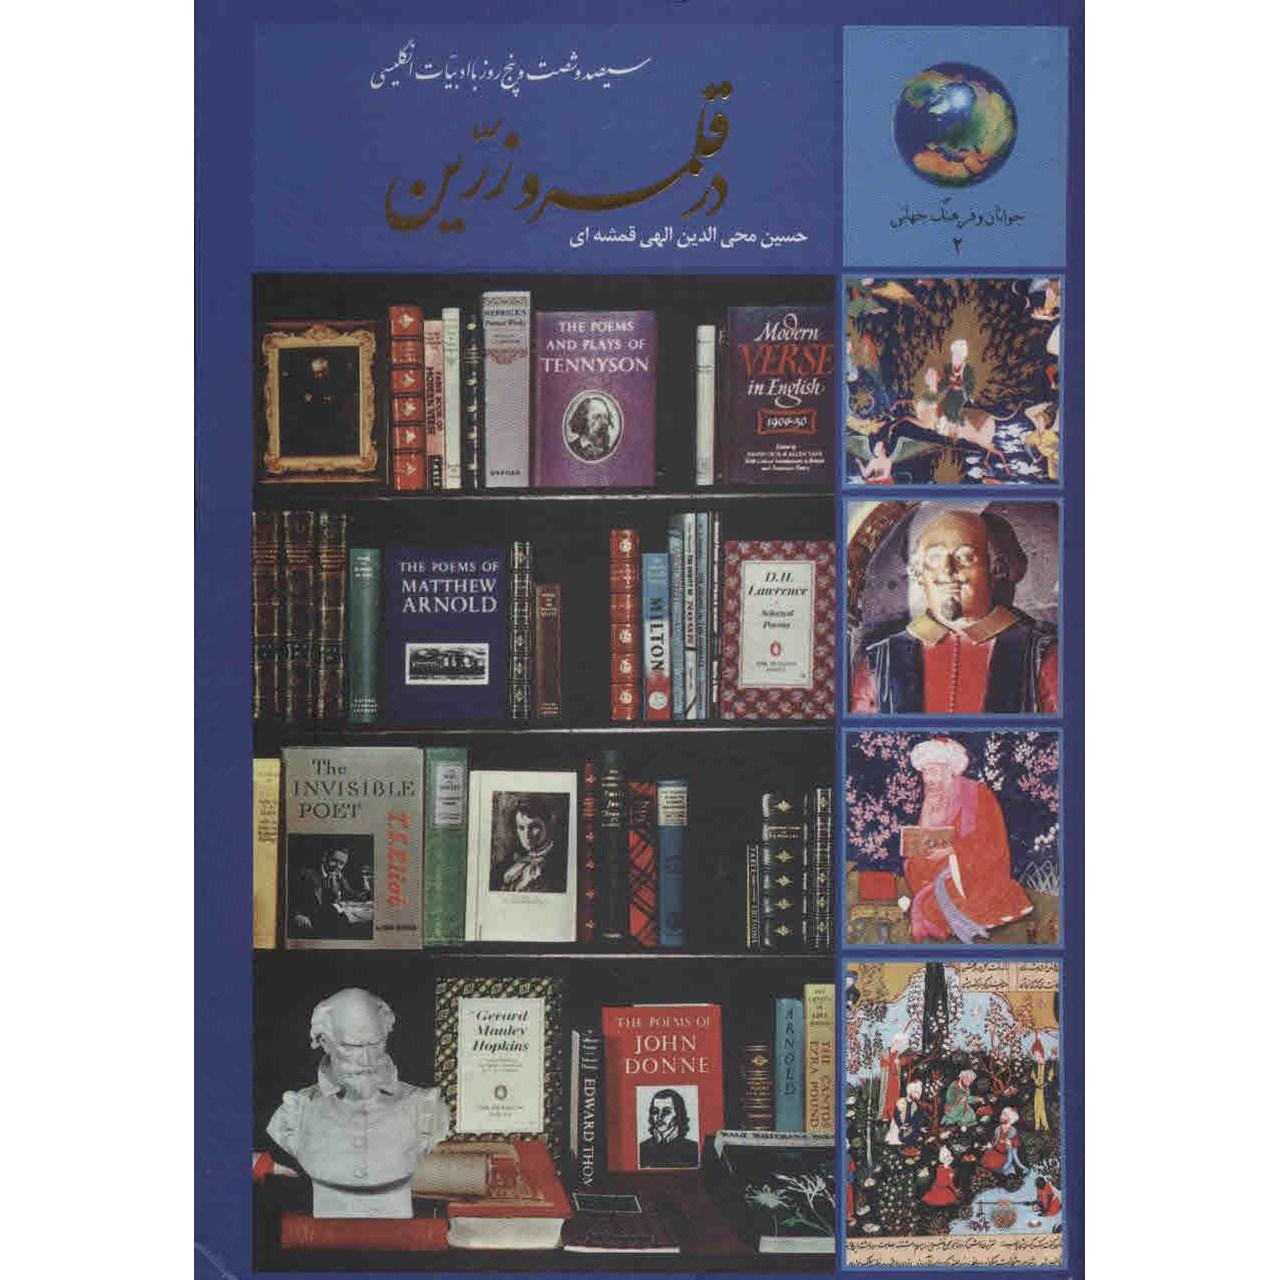 خرید                      کتاب در قلمرو زرین اثر حسین محی الدین الهی قمشه ای